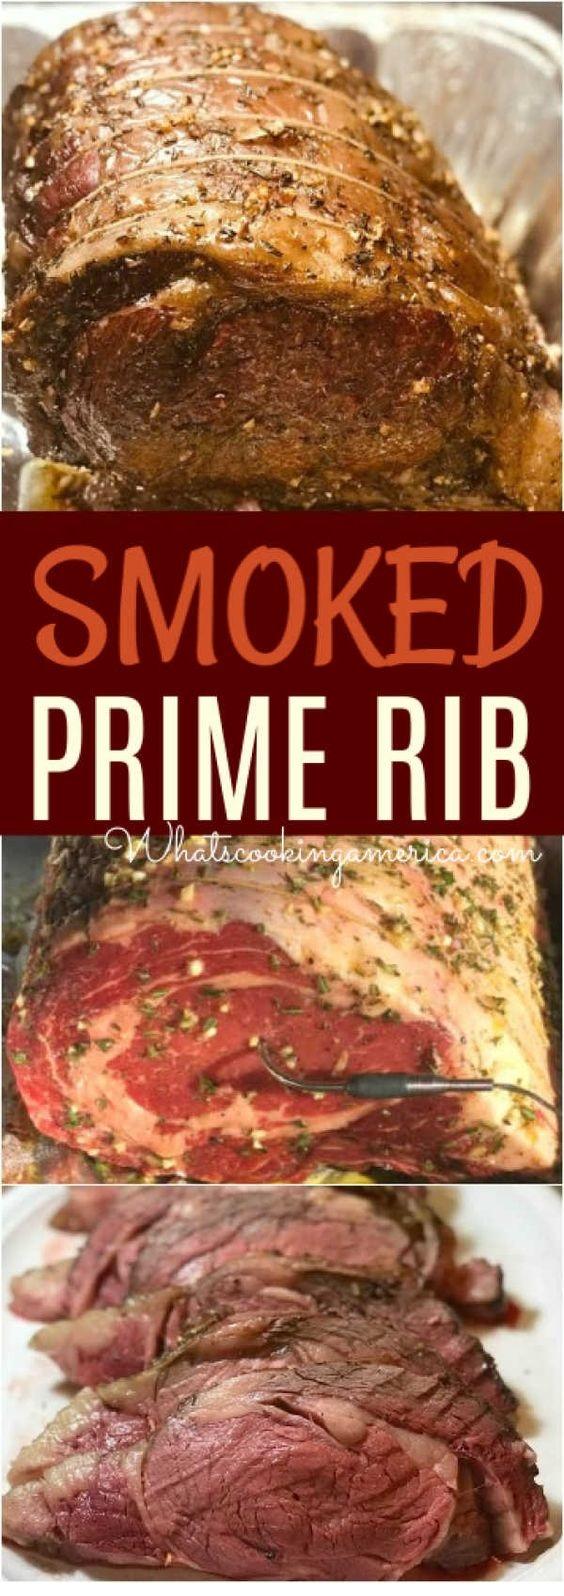 Prime Rib Recipe & Smoking Instructions